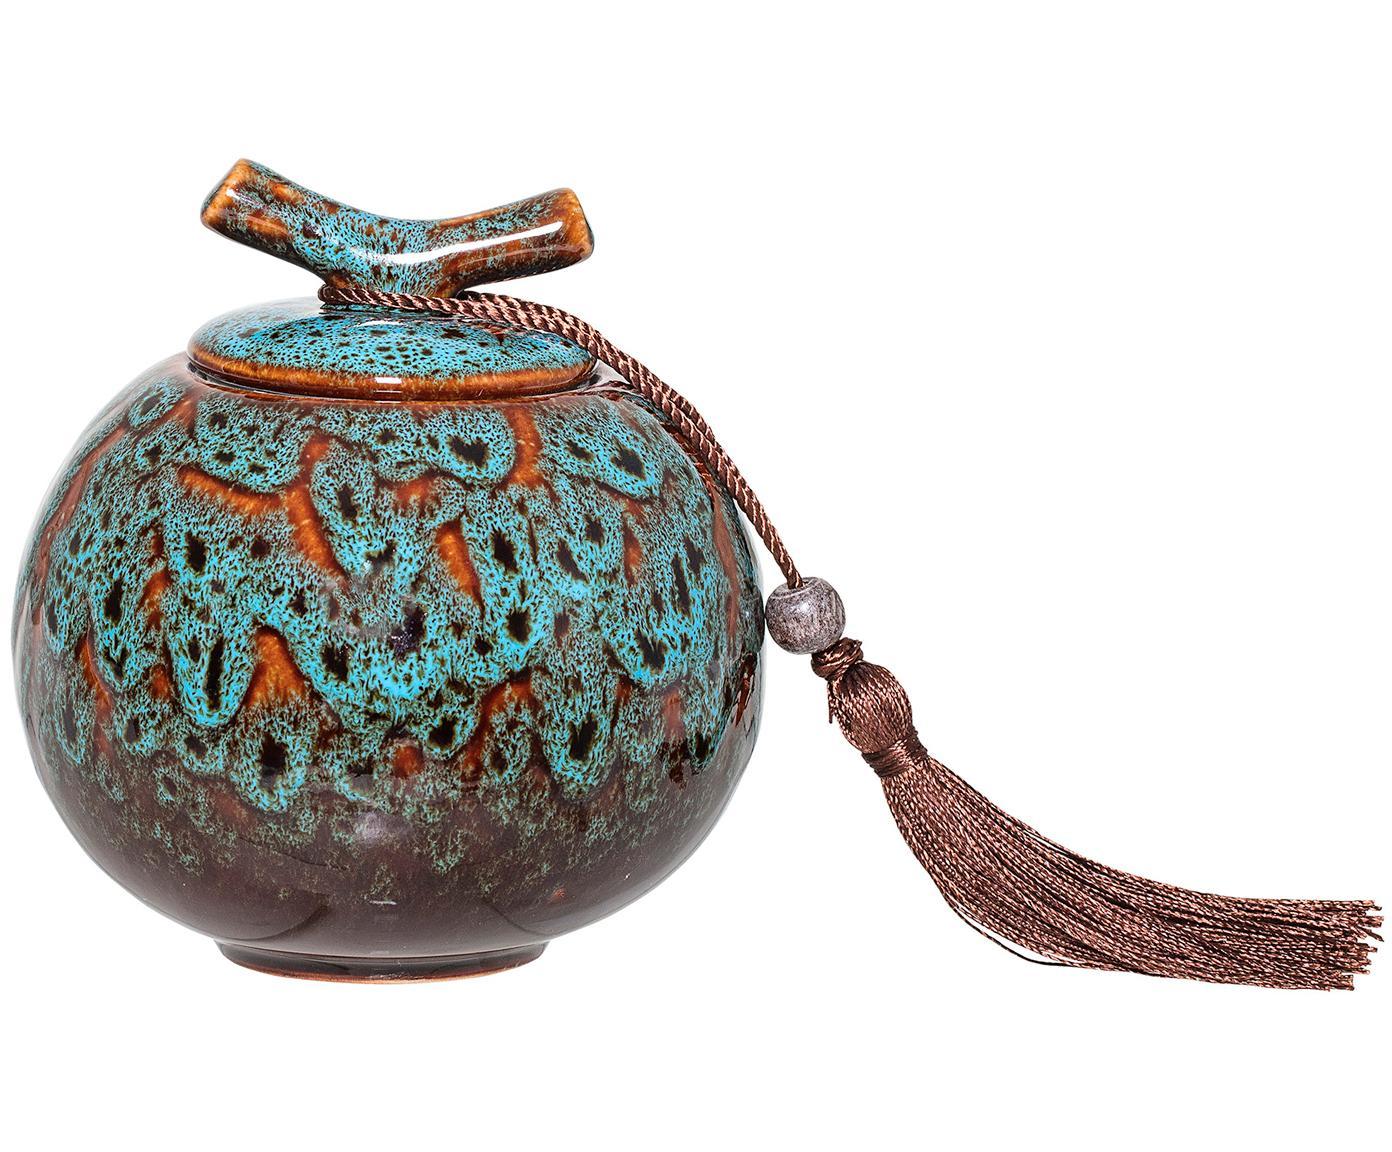 Pojemnik do przechowywania Ebba, Turkusowy, odcienie brązowego pompon: czerwonobrązowy, Ø 11 x W 13 cm